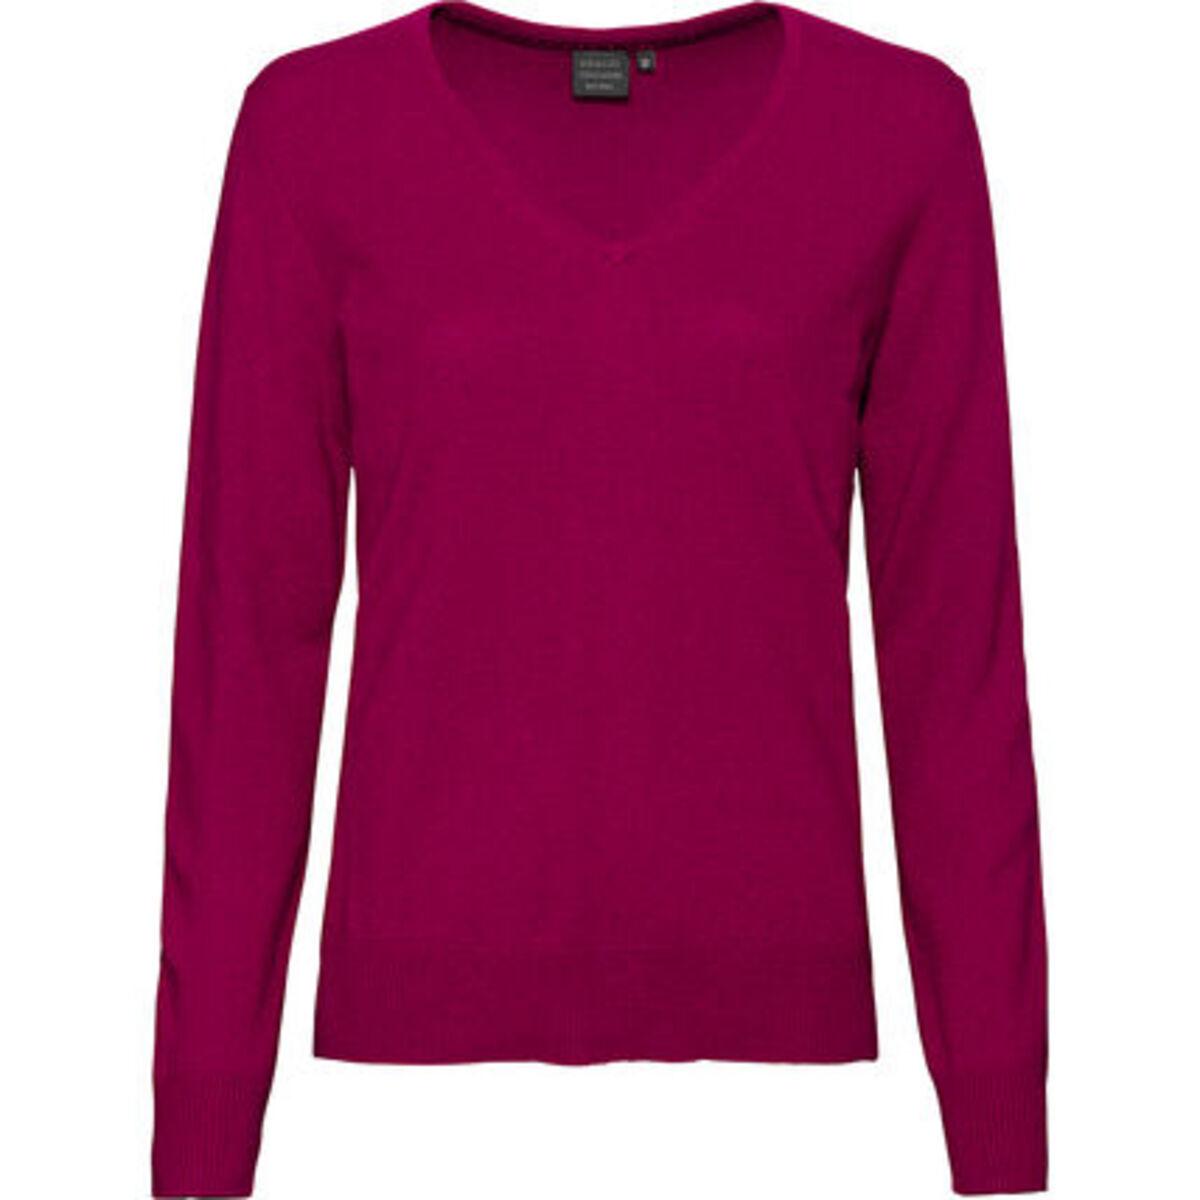 Bild 1 von Adagio Damen Seide-Cashmere Pullover, pink, 40, 40